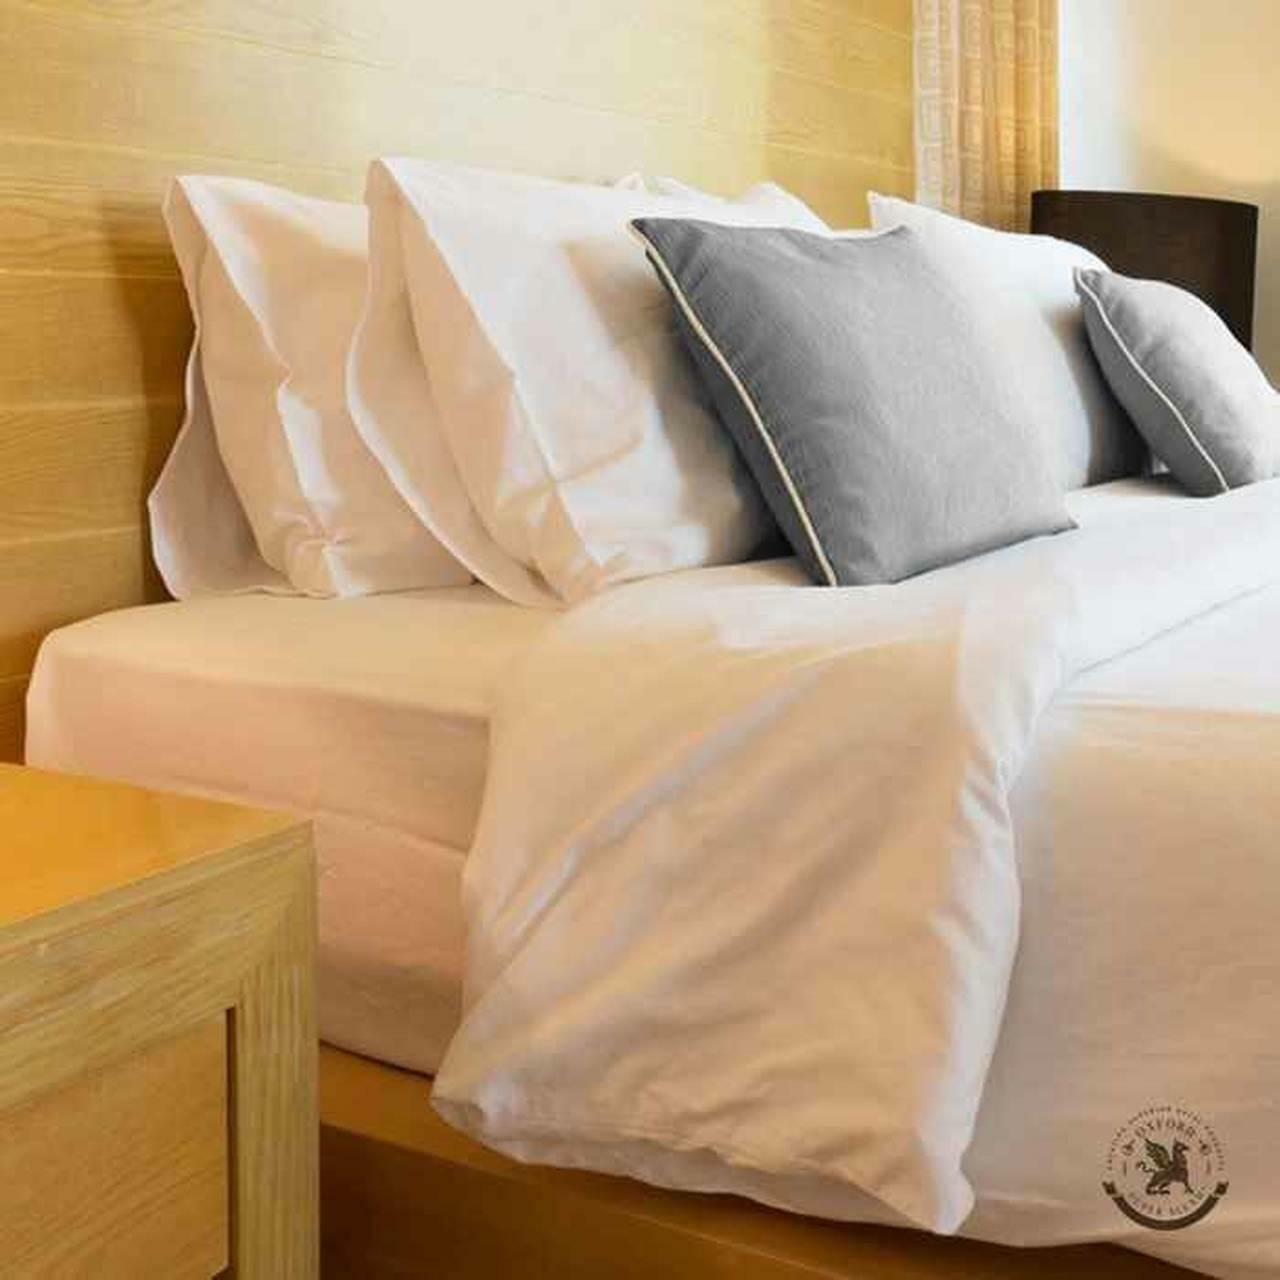 Ganesh Mills or Oxford Super Blend Oxford Super Blend Bed Linen - T180 55/45 - All Sizes